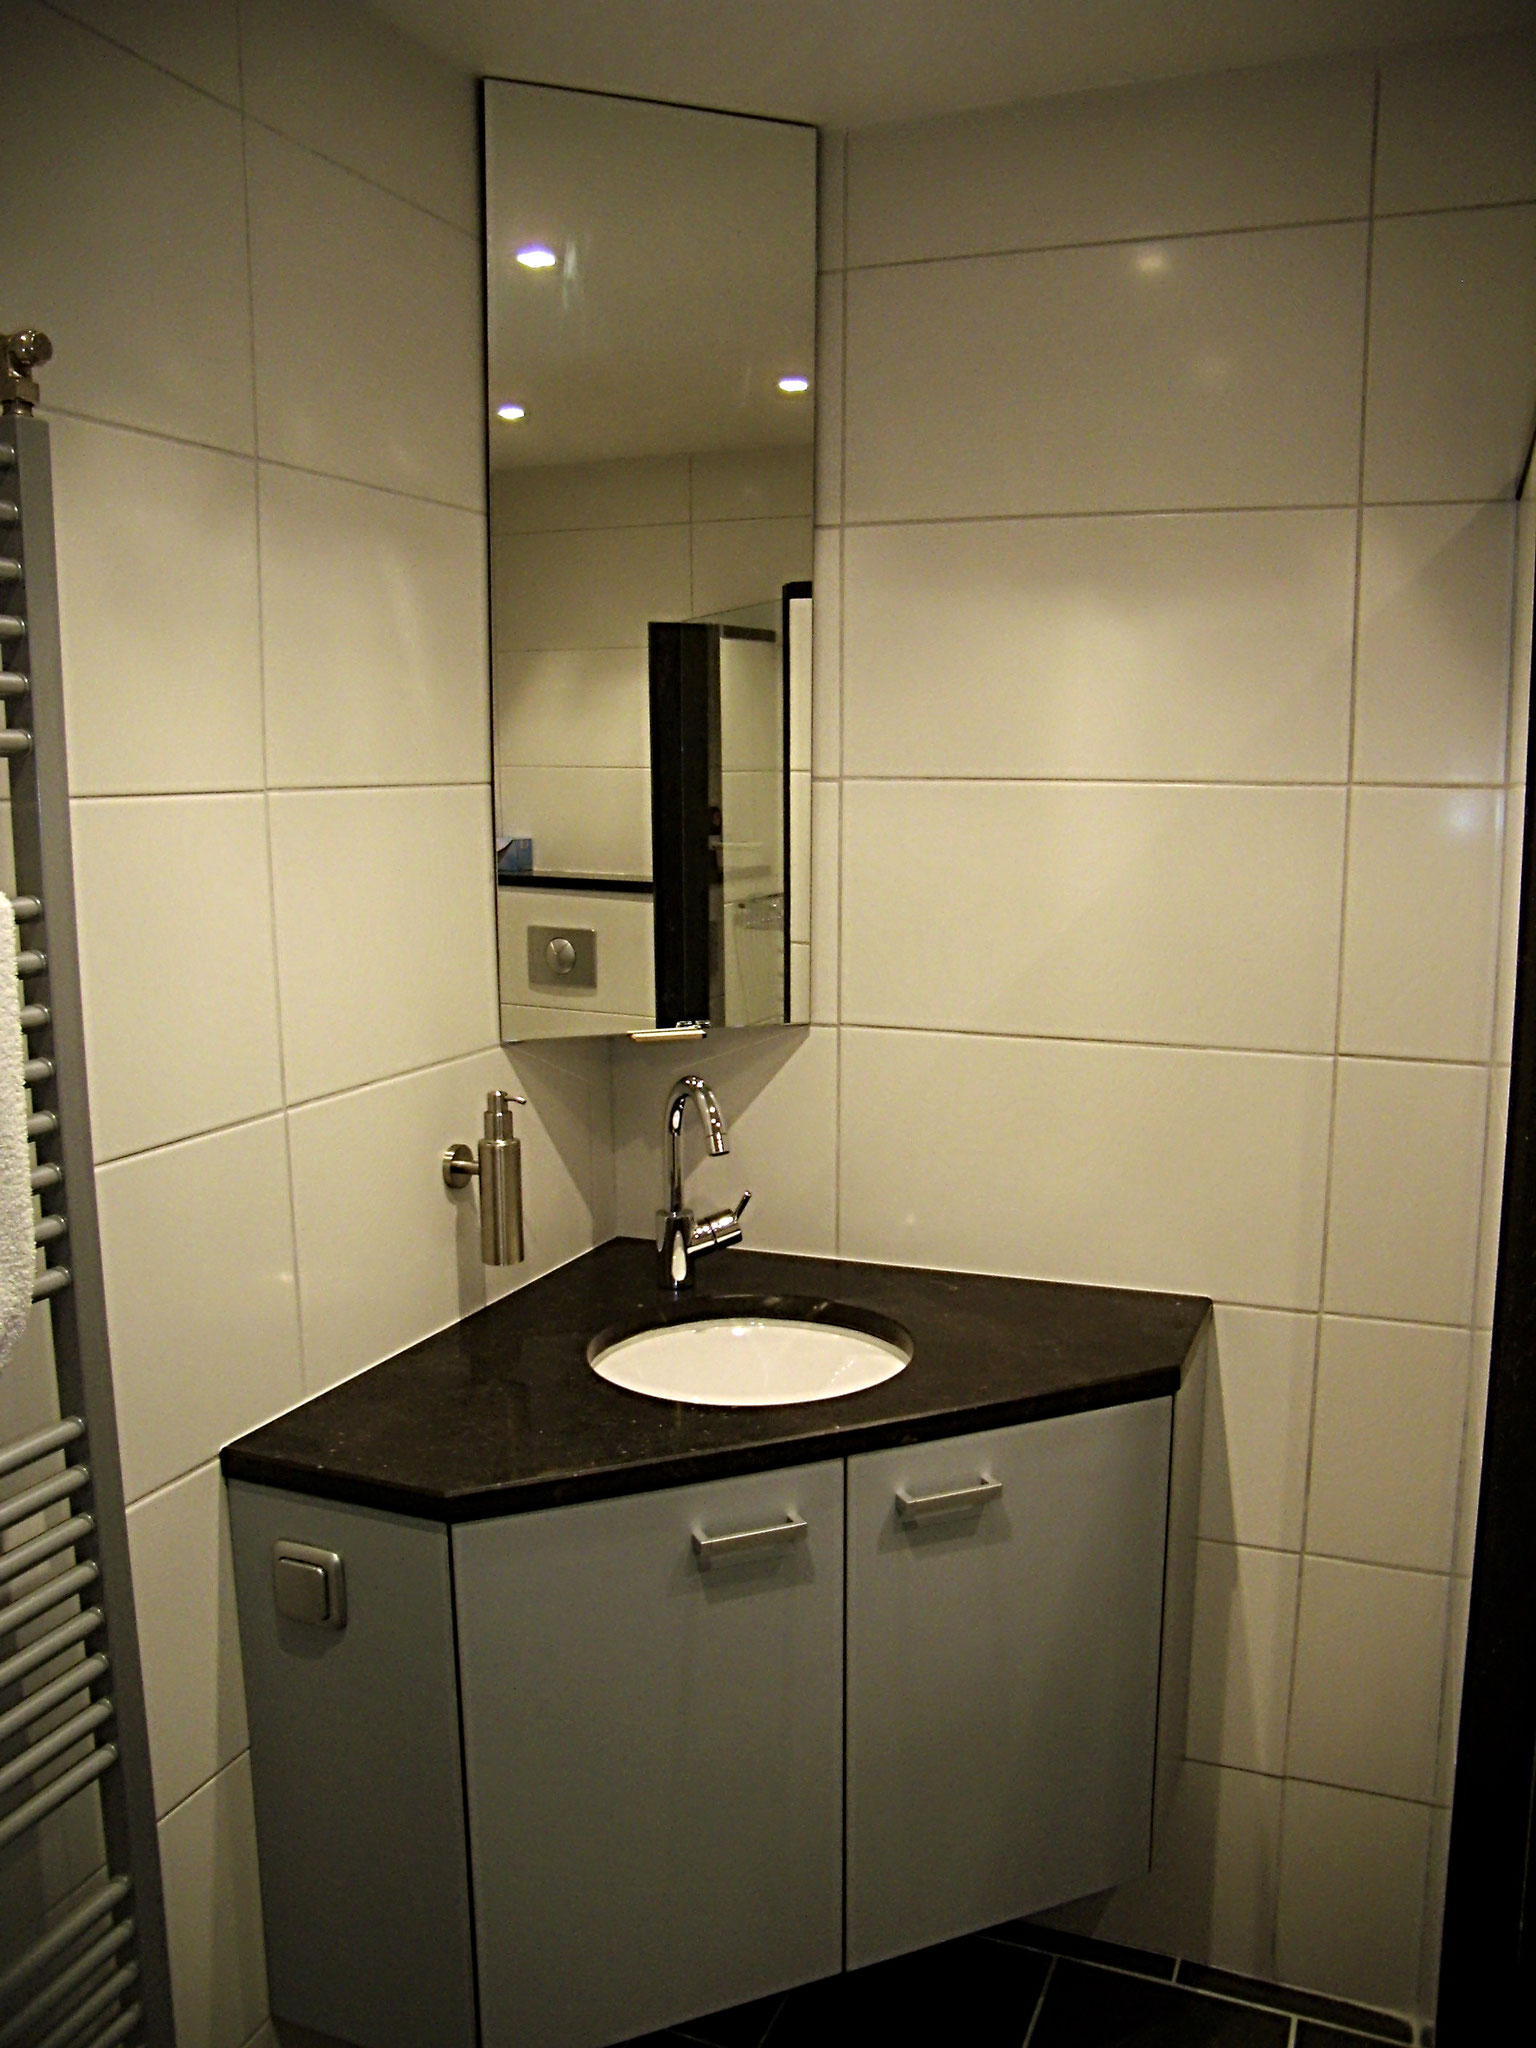 badkamers - maatwerkinenomhethuis interieurbouw verbouw badkamers ...